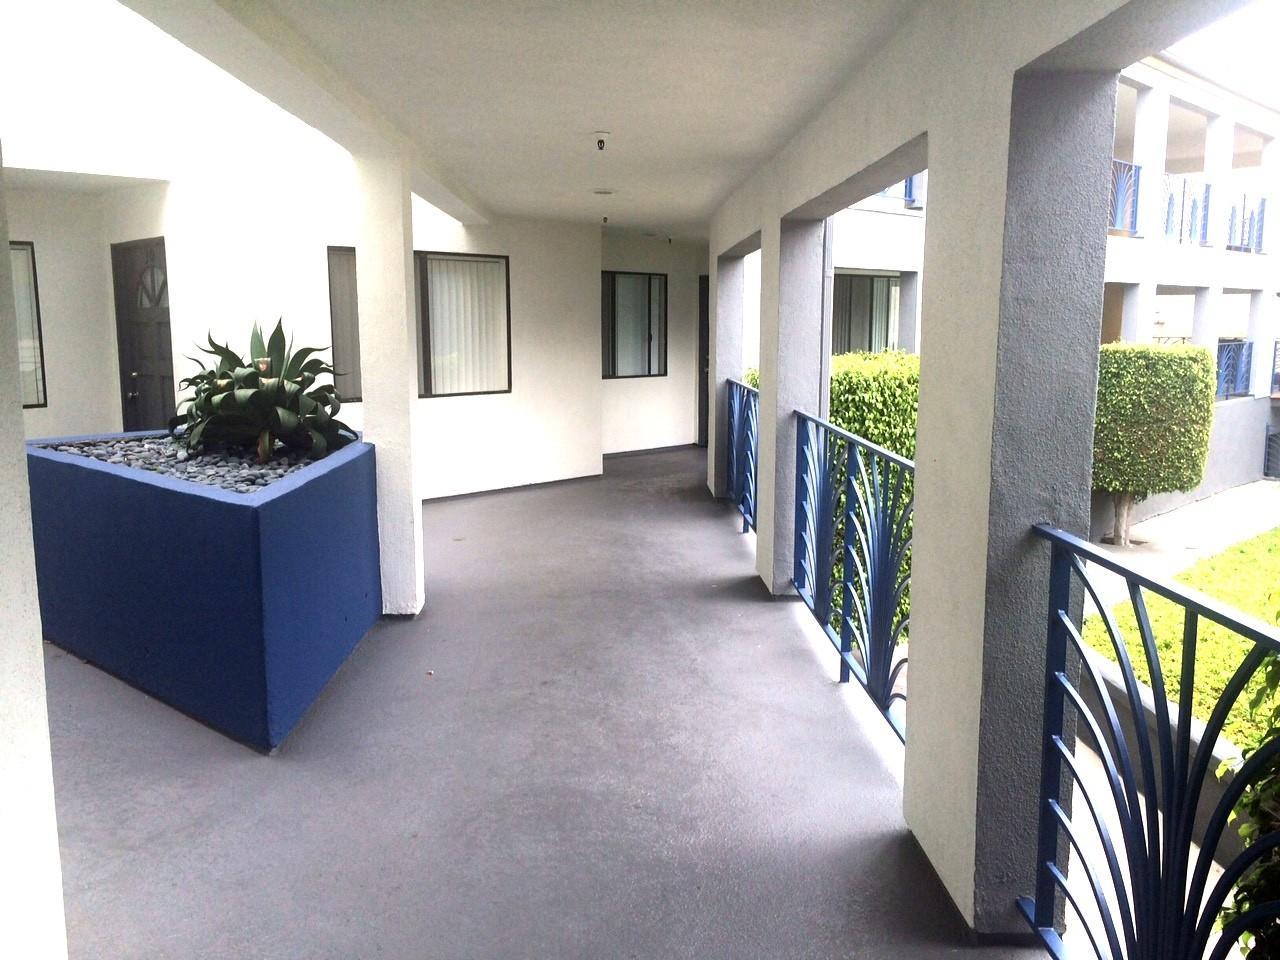 Chadron Apts Apartments photo #1